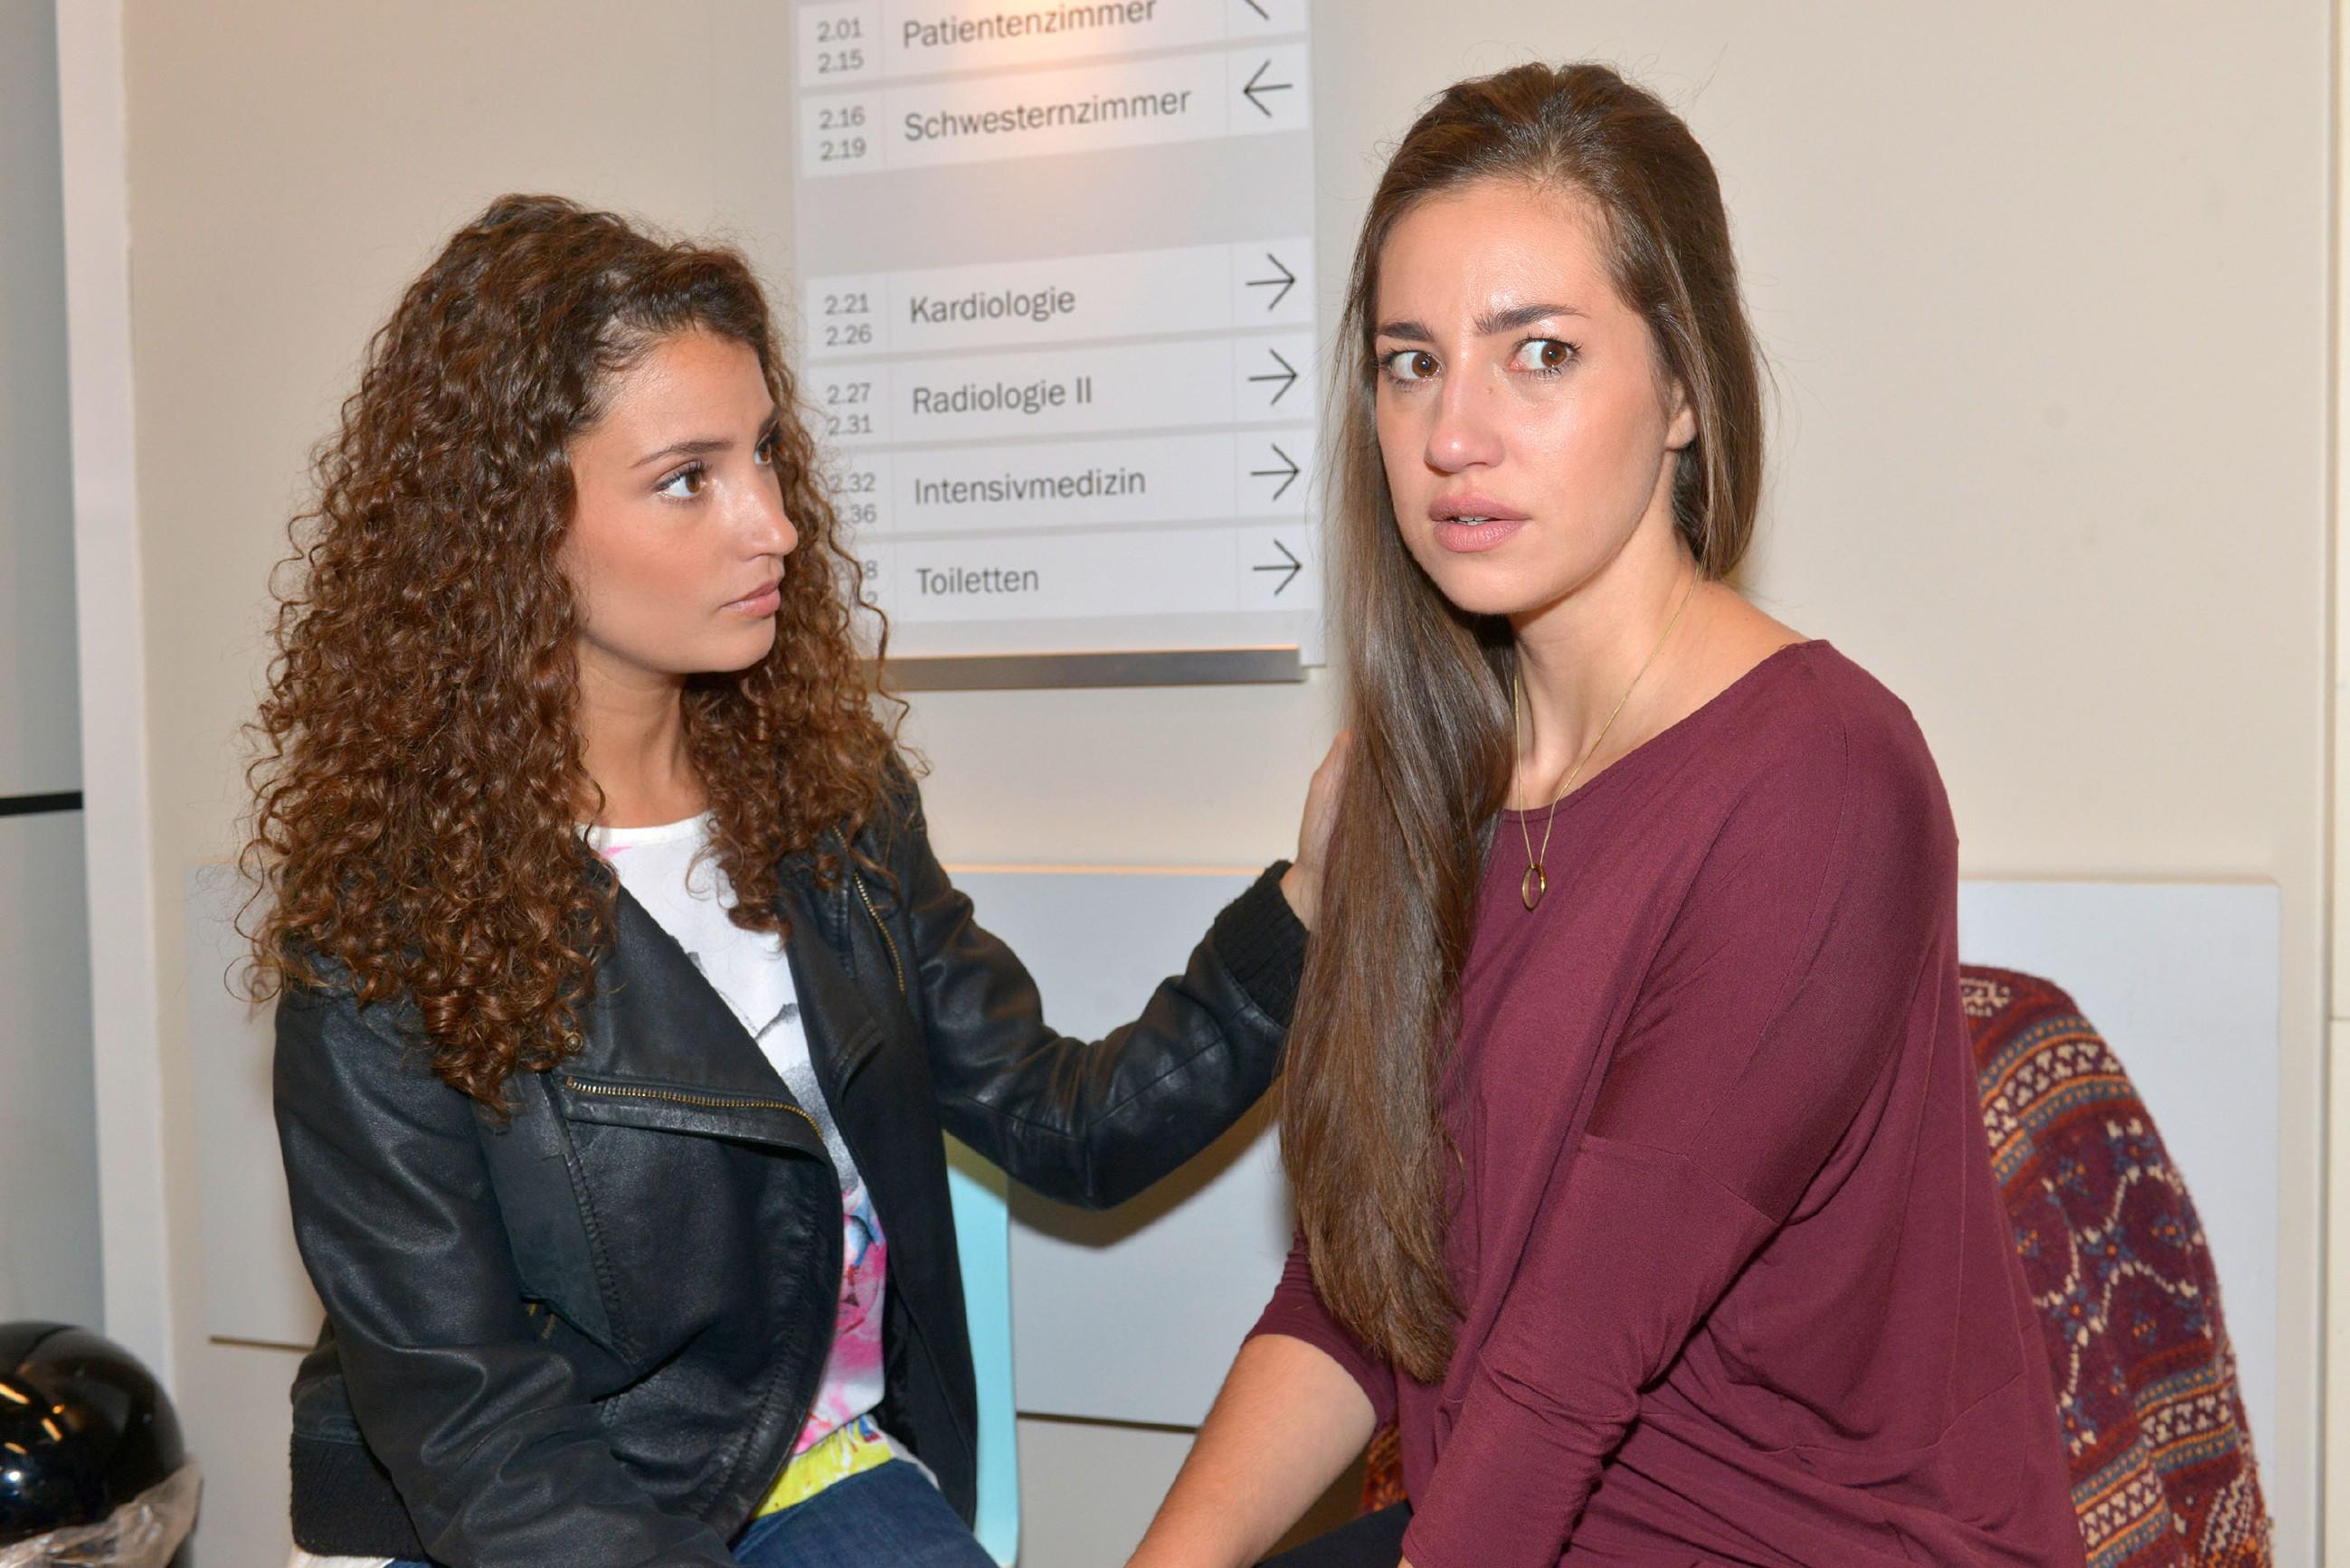 Ayla (Nadine Menz, l.) kümmert sich um Elena (Elena Garcia Gerlach), die um Johns Leben bangt. Zu nah ist noch die Erinnerung an den tragischen Verlust von Dominik... (Quelle: RTL / Rolf Baumgartner)